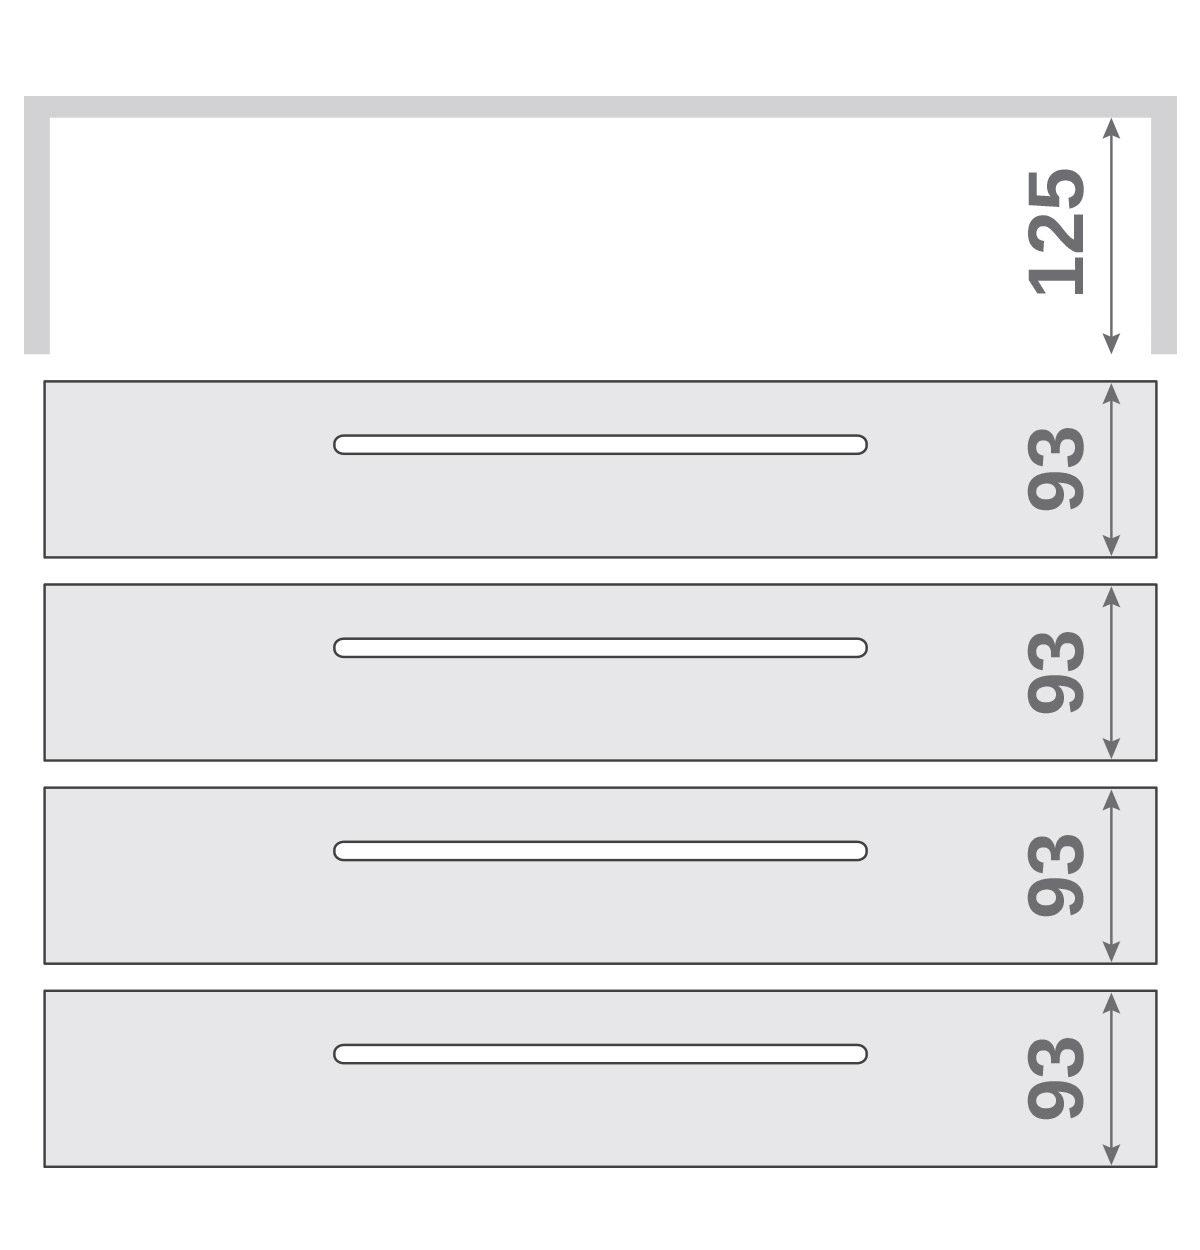 ПАНОК-СОЛО 600 long с полкой (каталожный номер 16.1-16.6), Каталожный номер 16.3